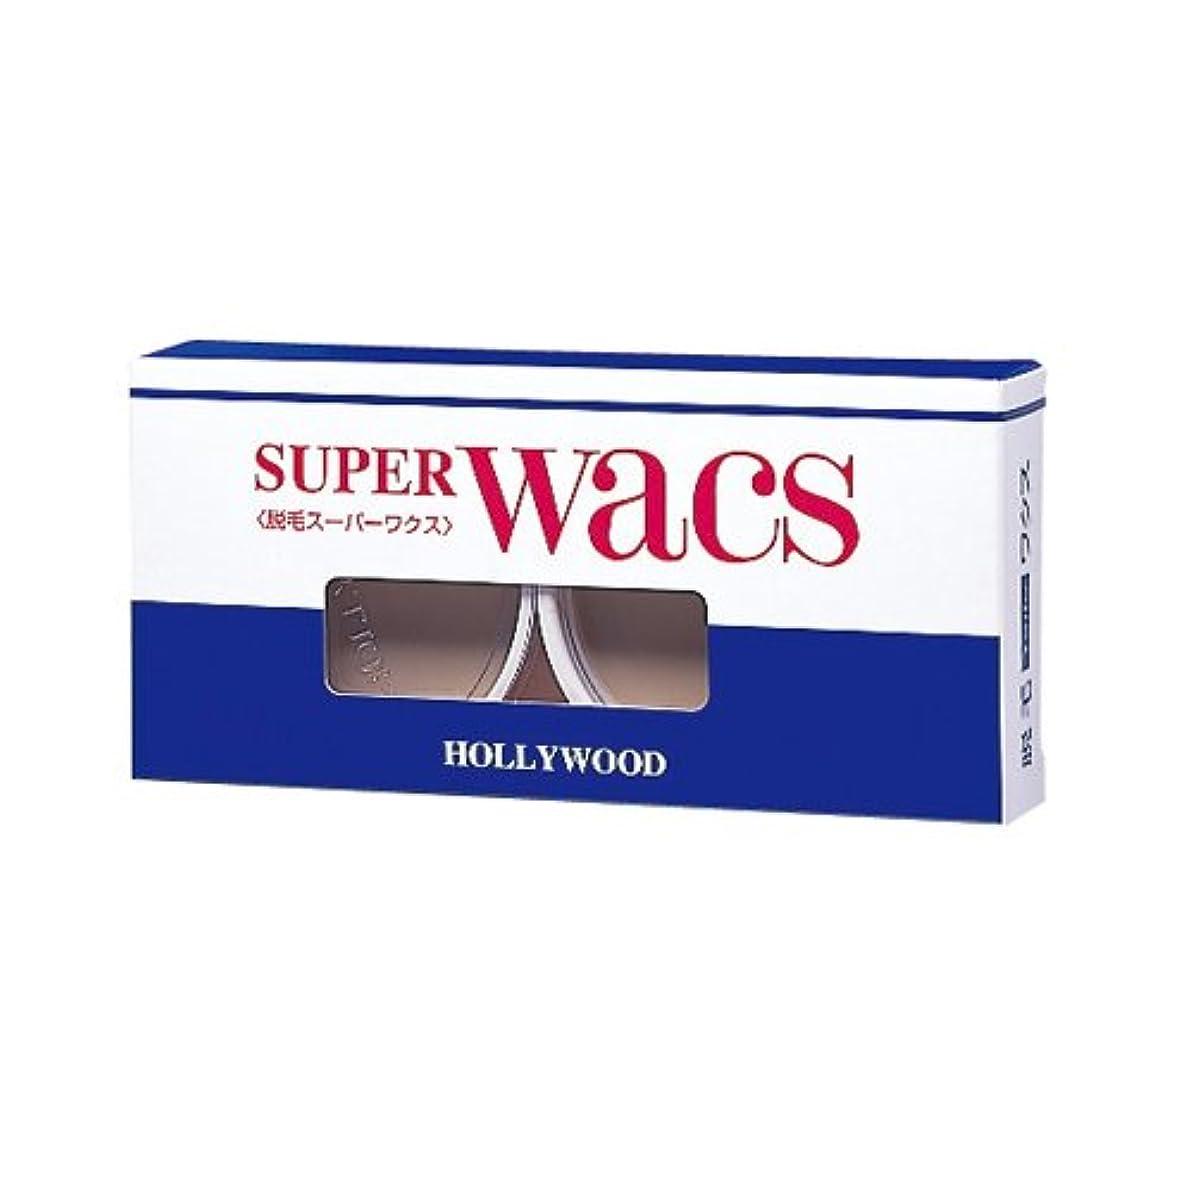 論争的間接的深めるハリウッド 脱毛スーパーワクス (強力) (50g × 2)